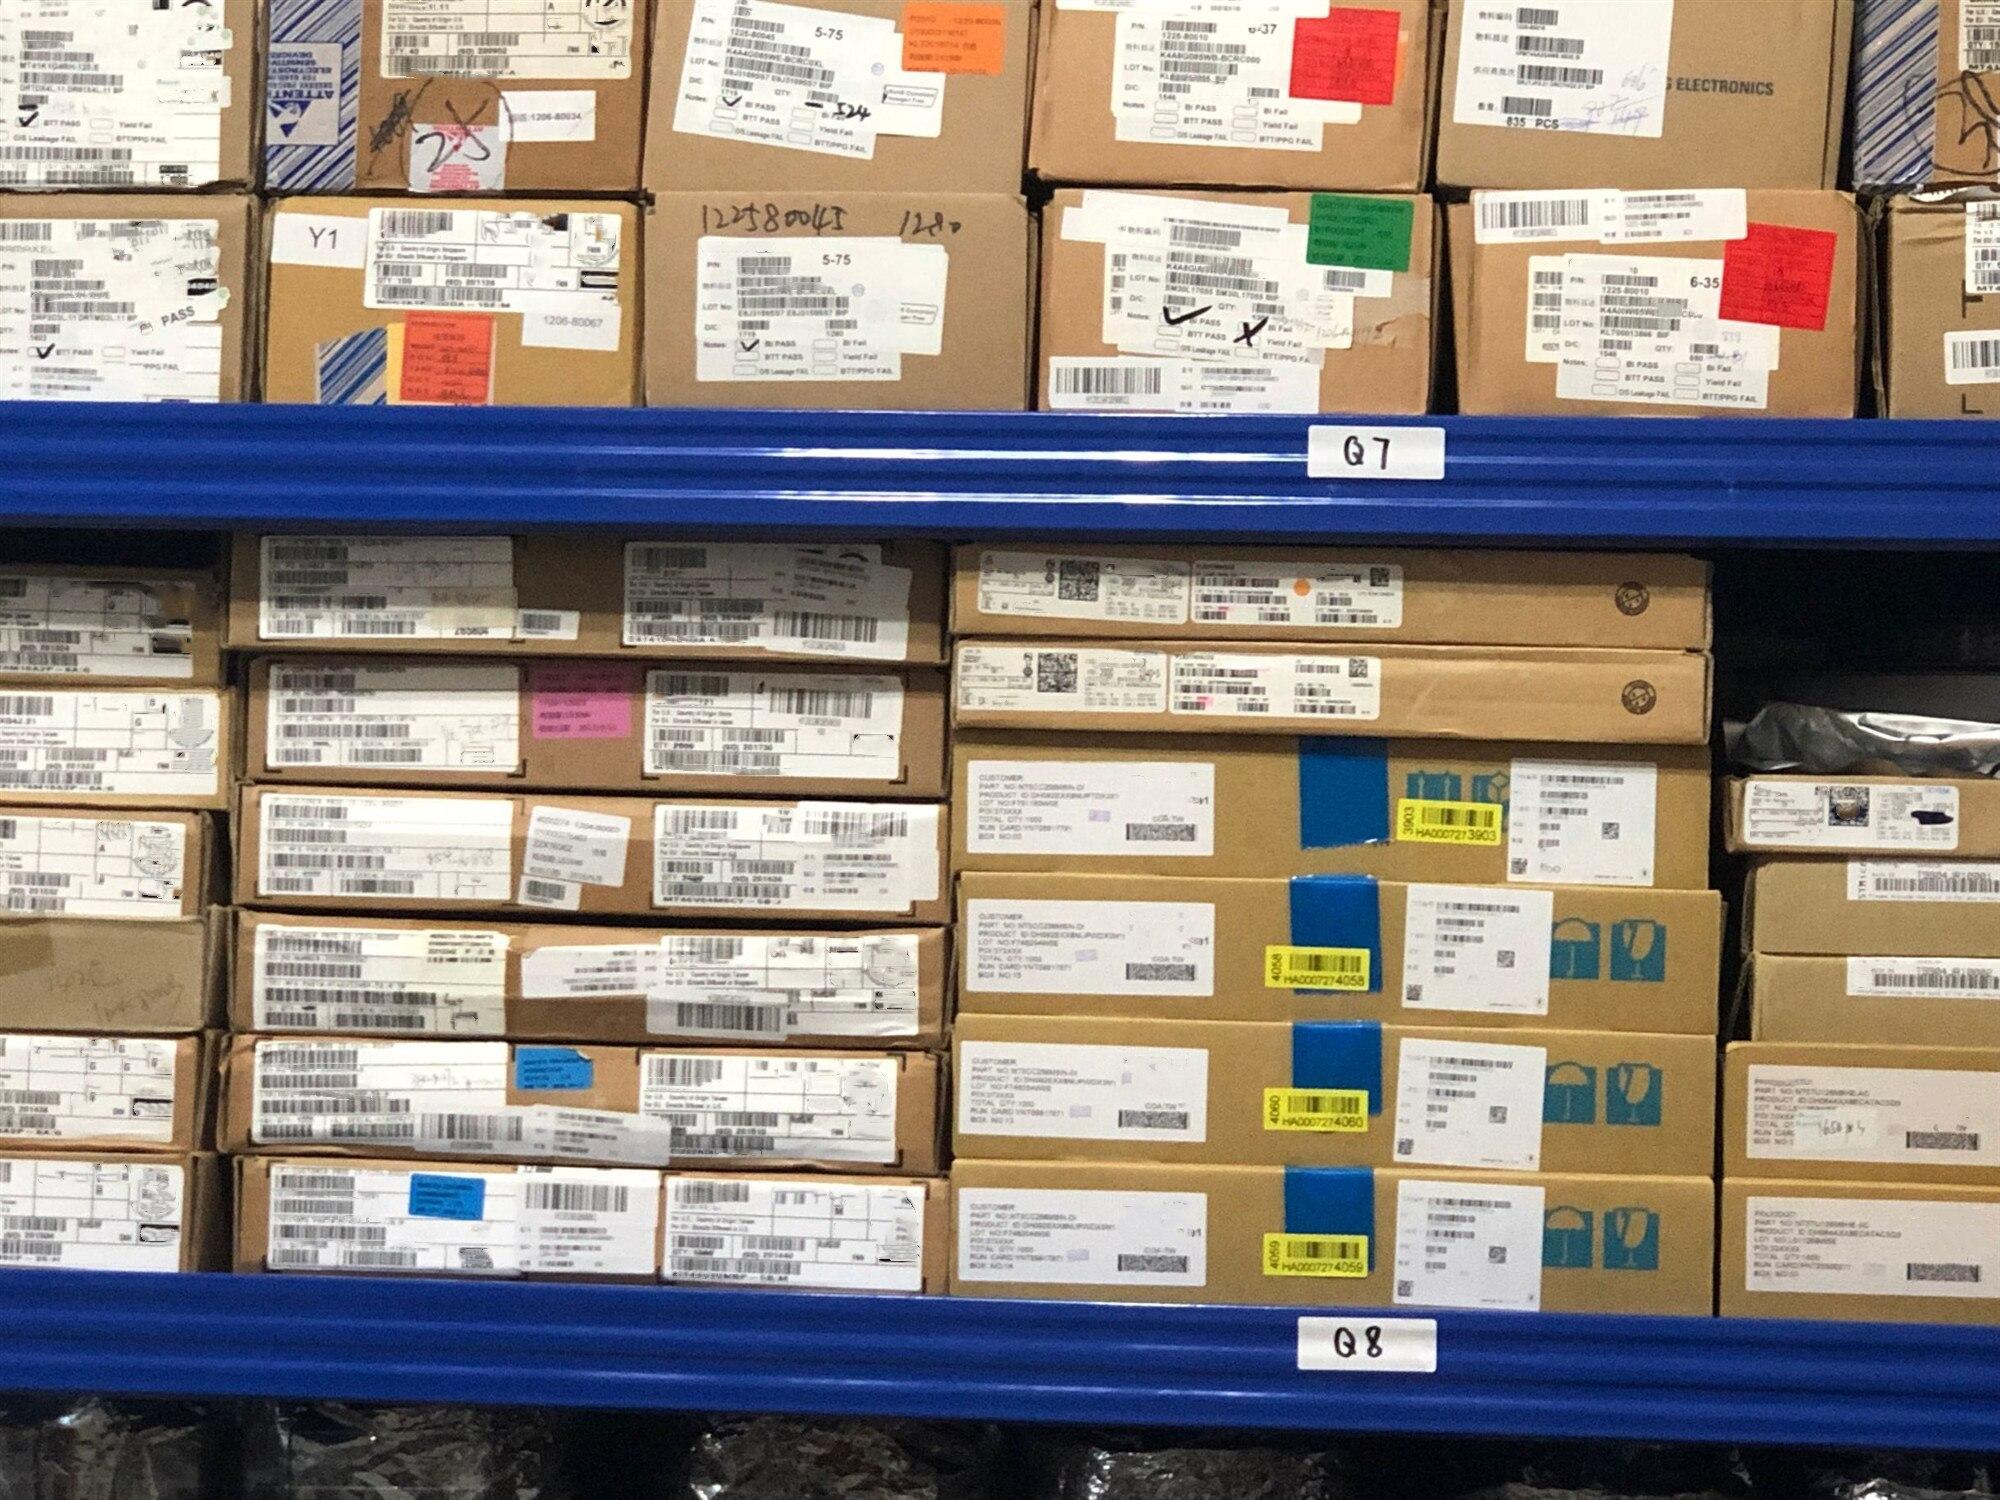 هرع البيع المباشر و عالية الجودة SMBJ6.0A-E3/52 SMBJ6.0A SMB DO214-AA 10030